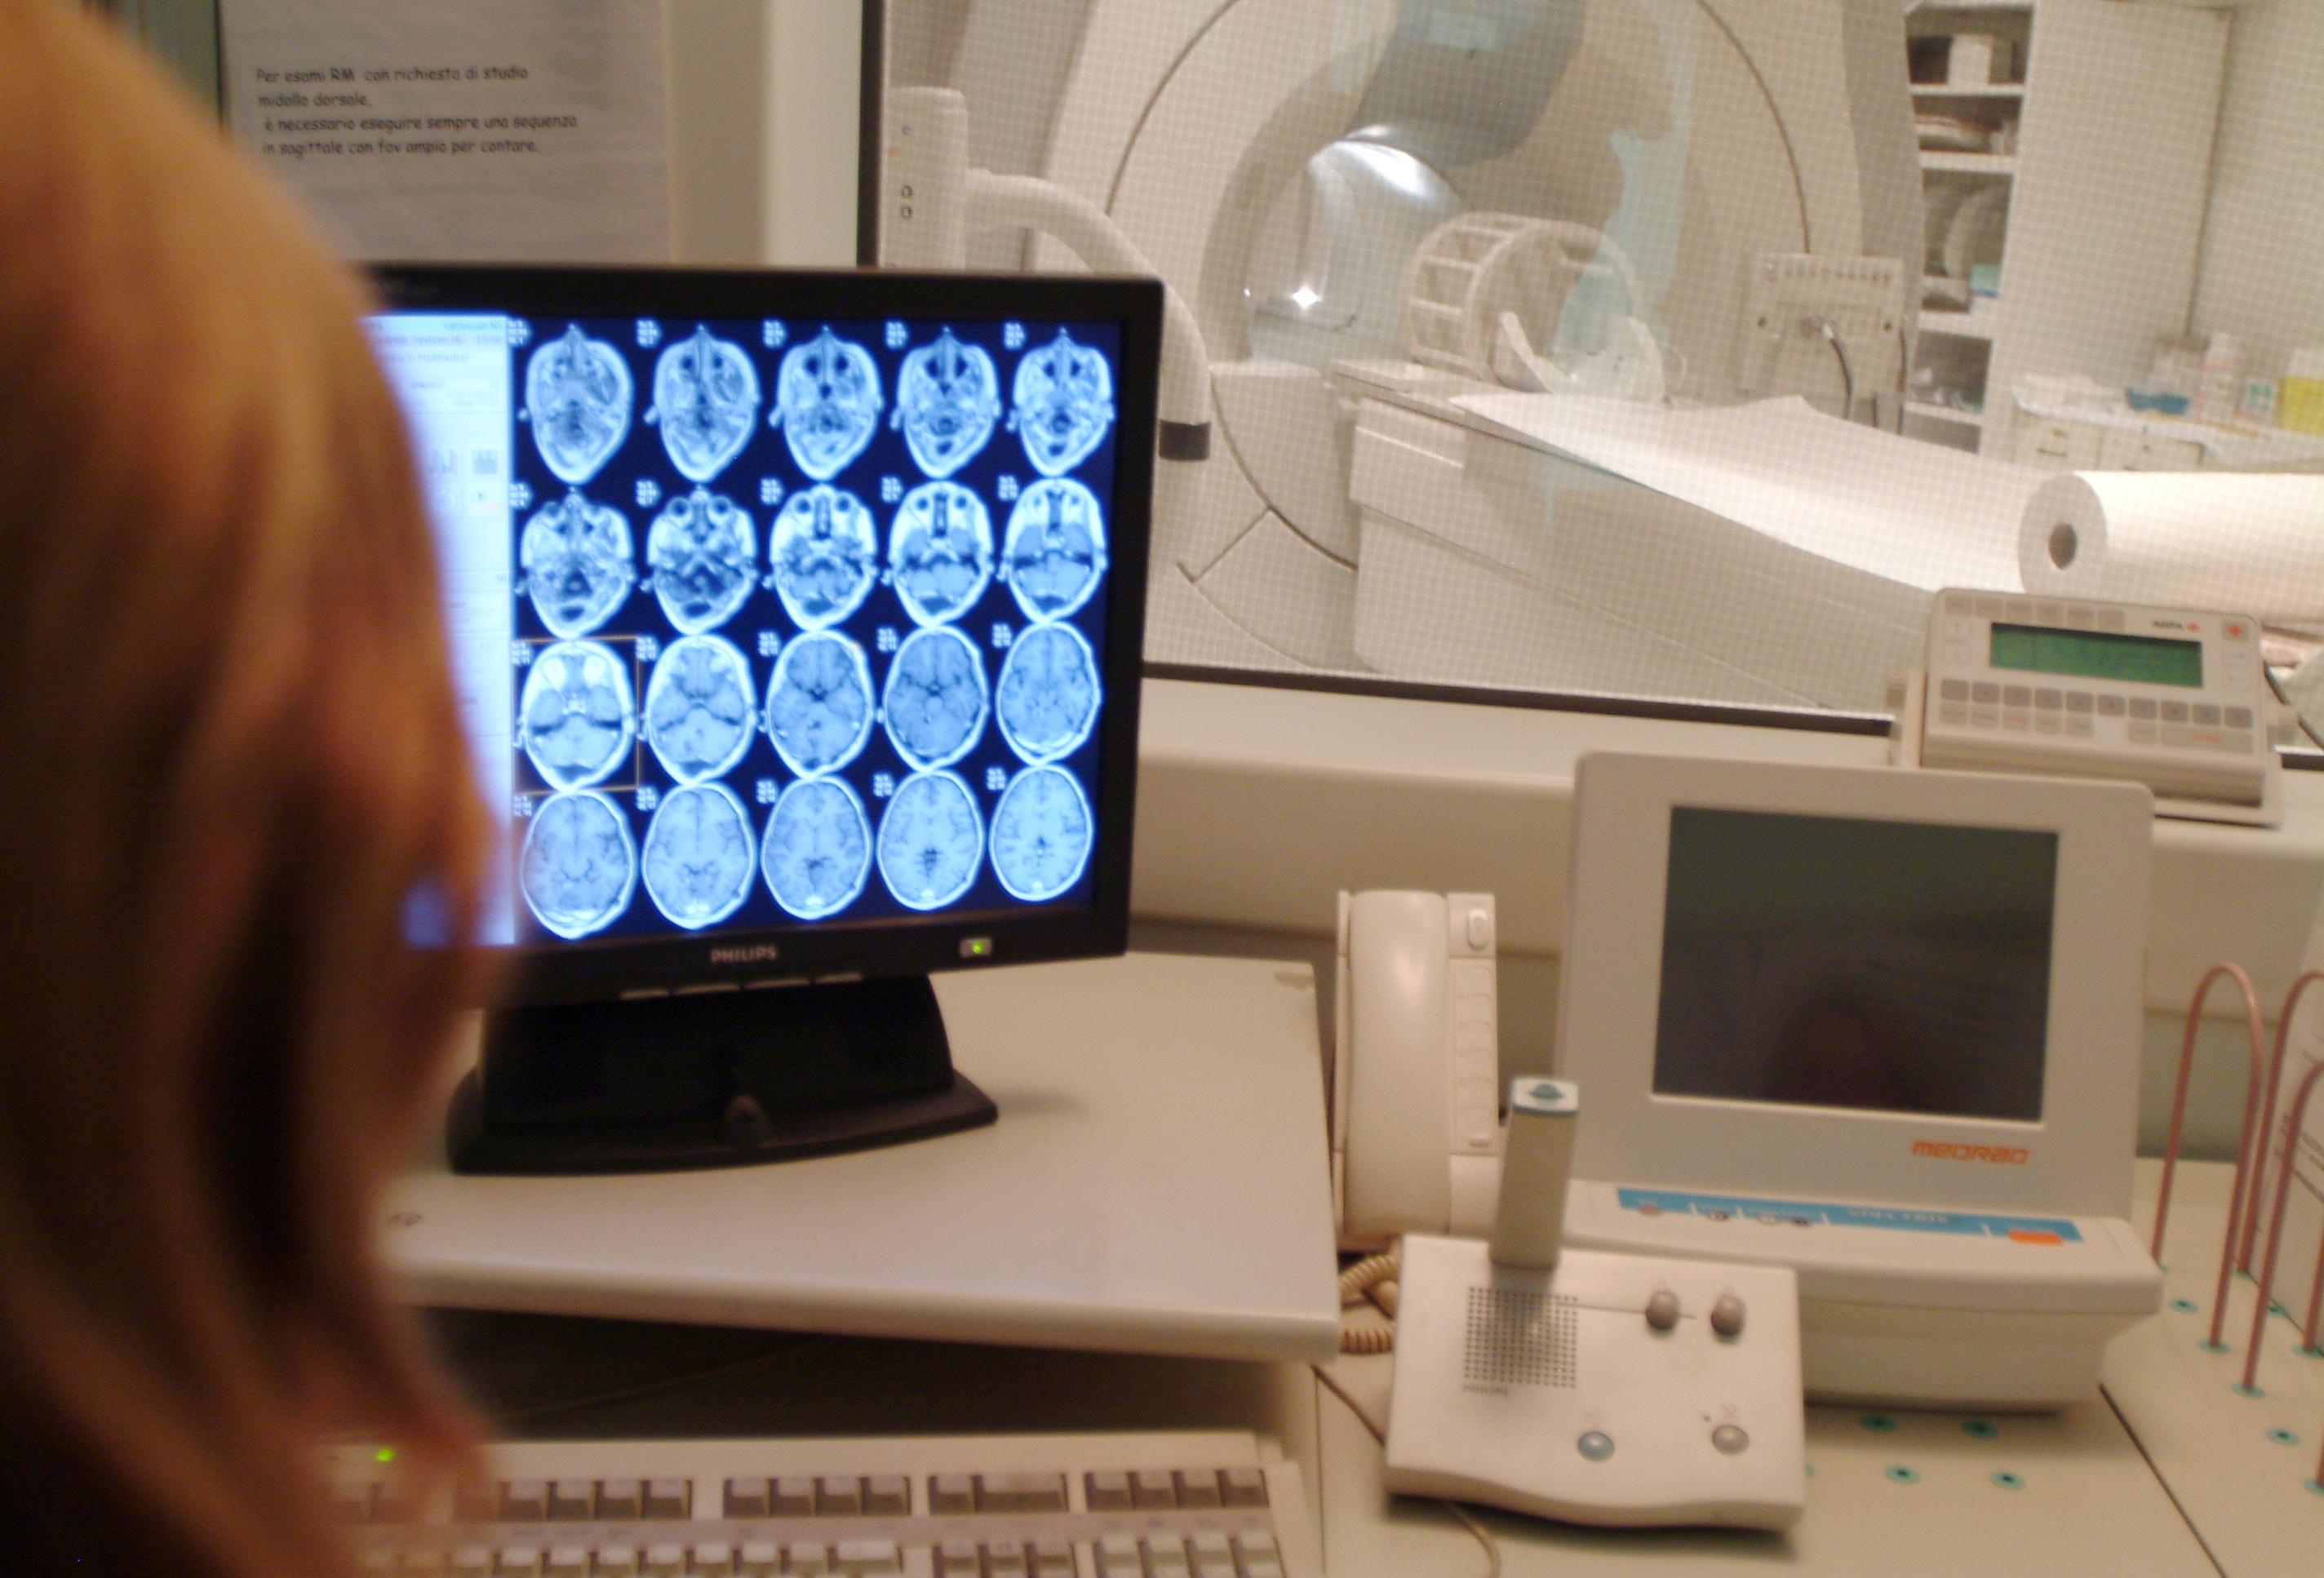 Istituto besta nasce centro per formare neurochirurghi cronaca